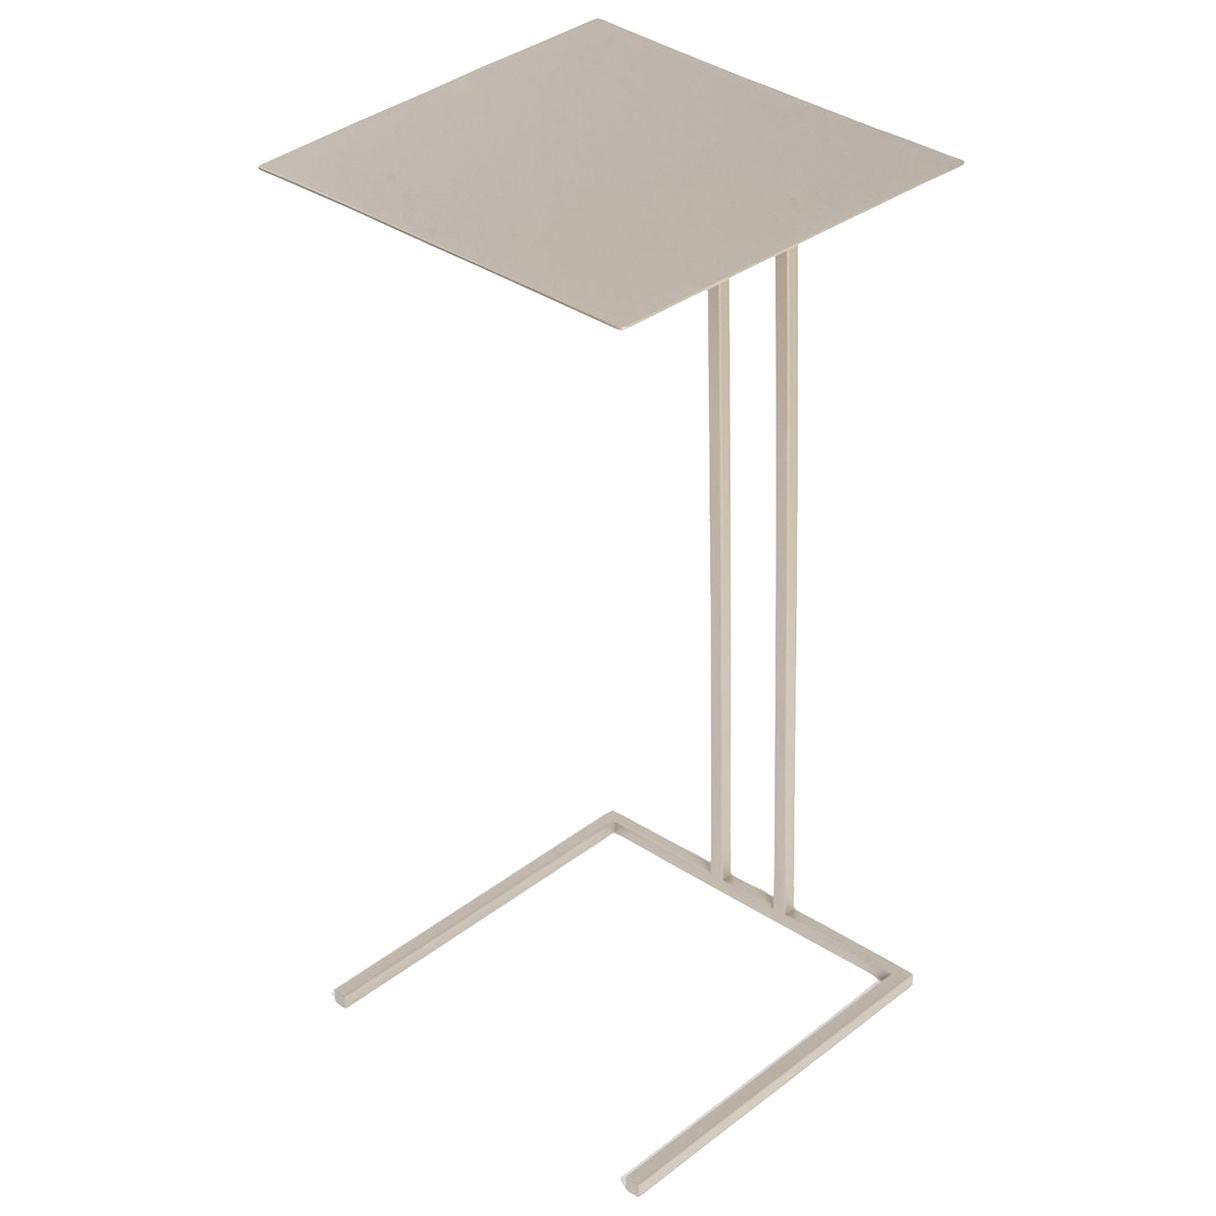 Shedir Side Table